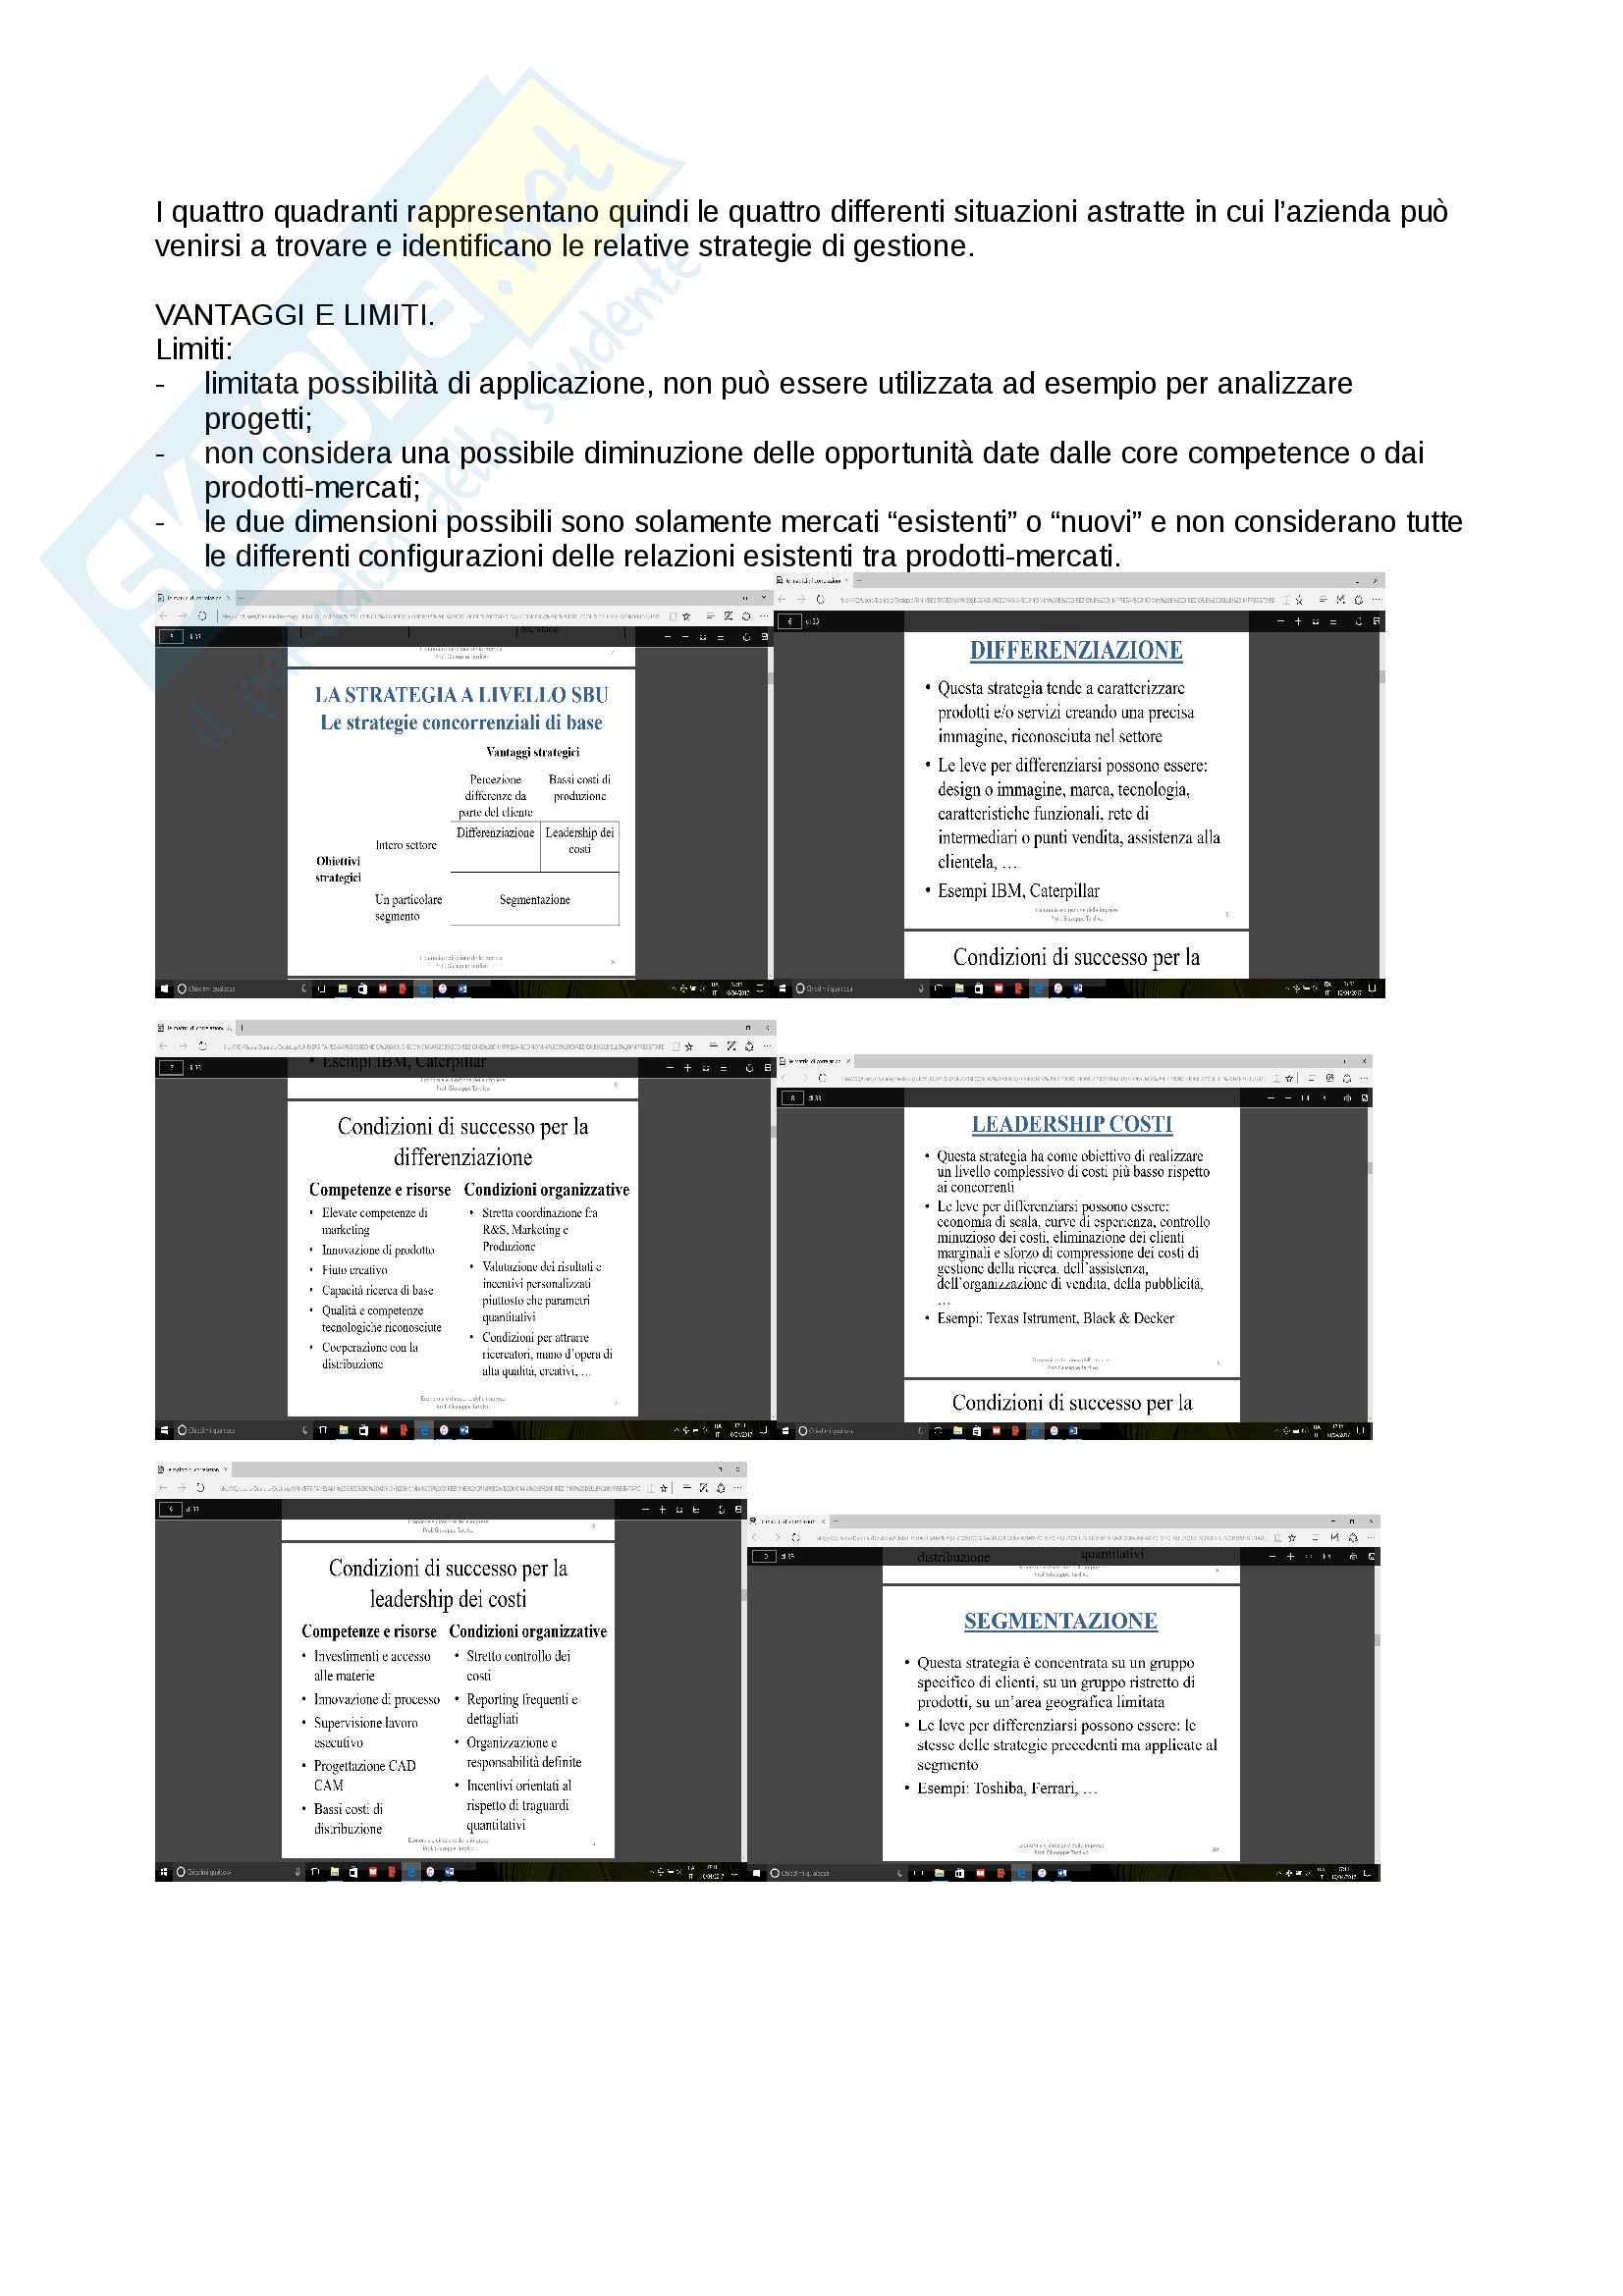 Riassunto esame Economia e direzione delle imprese, prof. La Pucci - Tardivo, libro consigliato: Economia e gestione delle imprese, Autore: AA. VV.Edizione: 2015 Casa editrice: Giappichelli Pag. 26